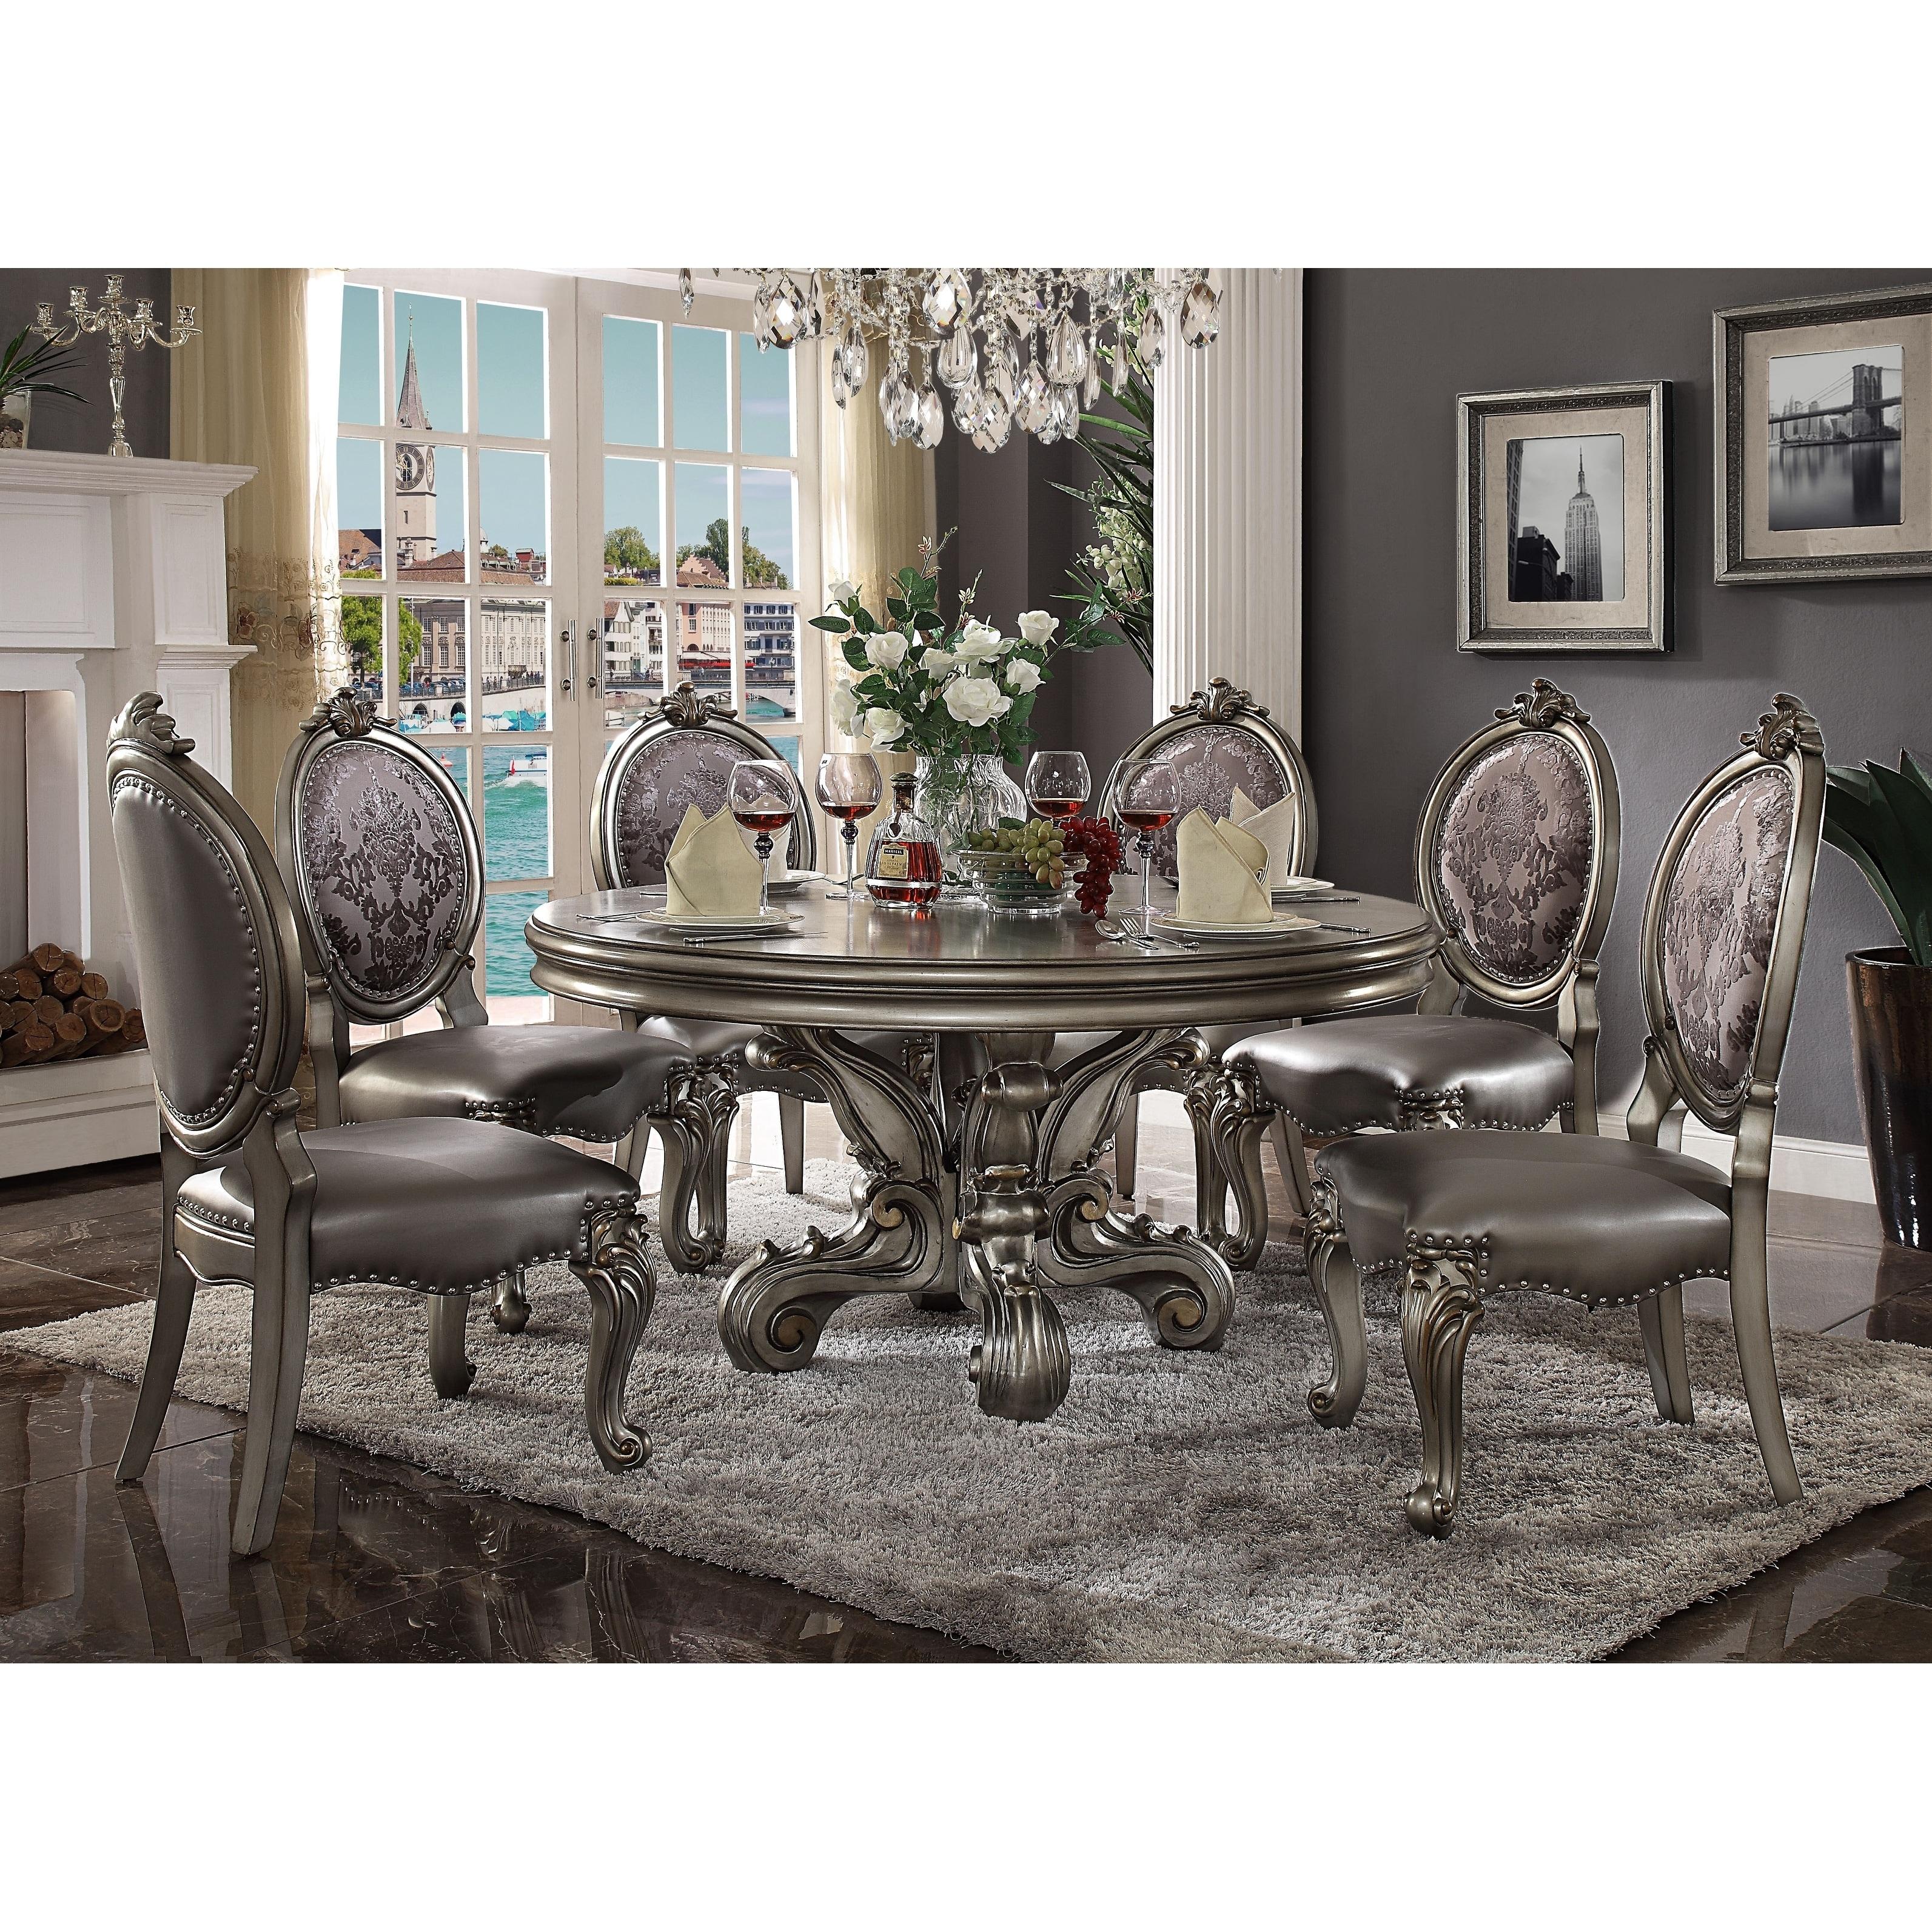 Acme Versailles Dining Table Round Pedestal Antique Platinum 1set 2ctn Antique Platinum